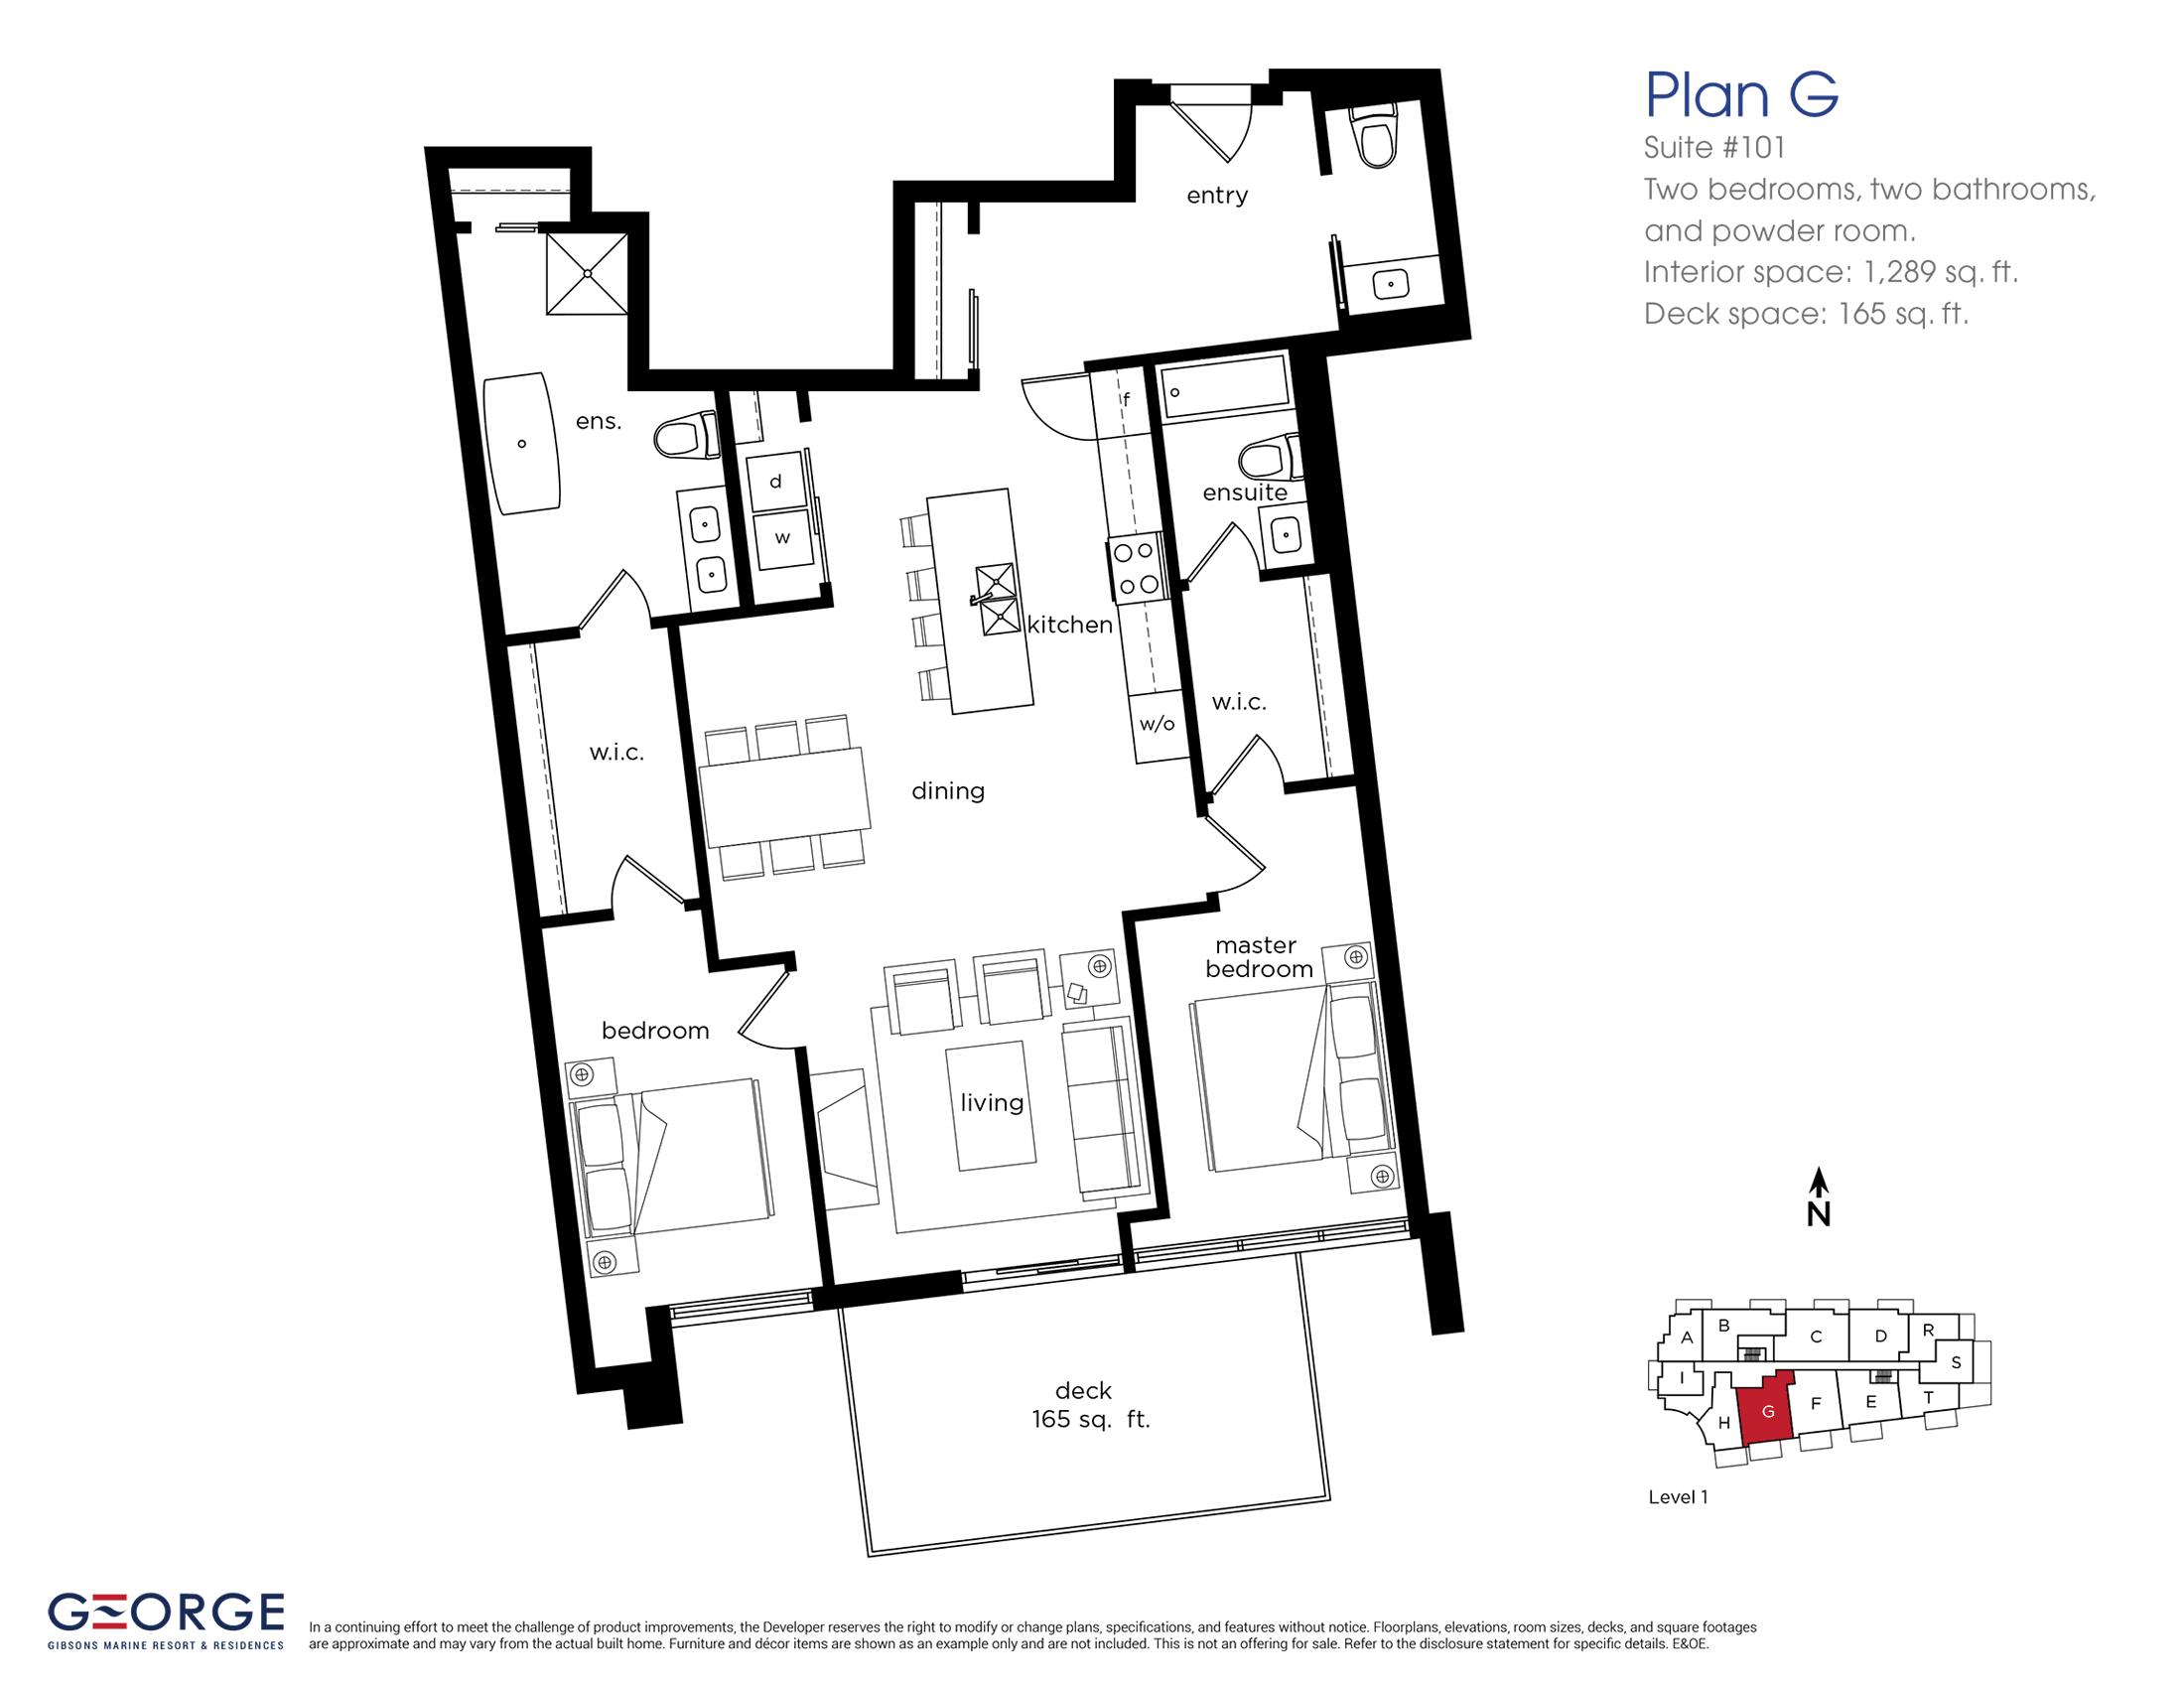 Plan-G